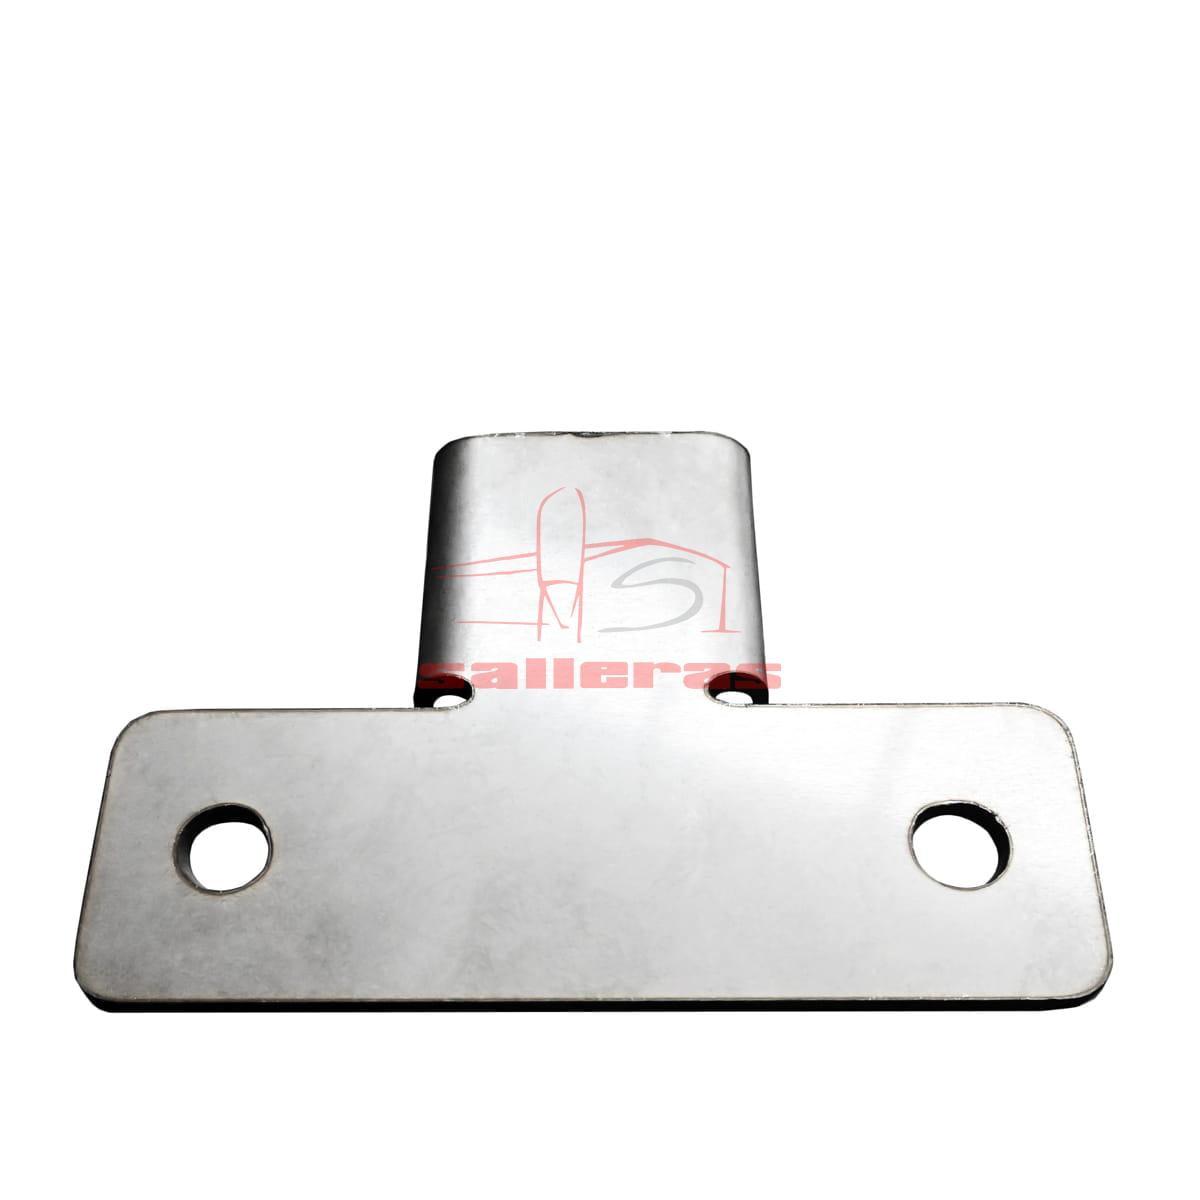 Perfil con forma de u de acero inoxidable con agujeros para sujecion arriba